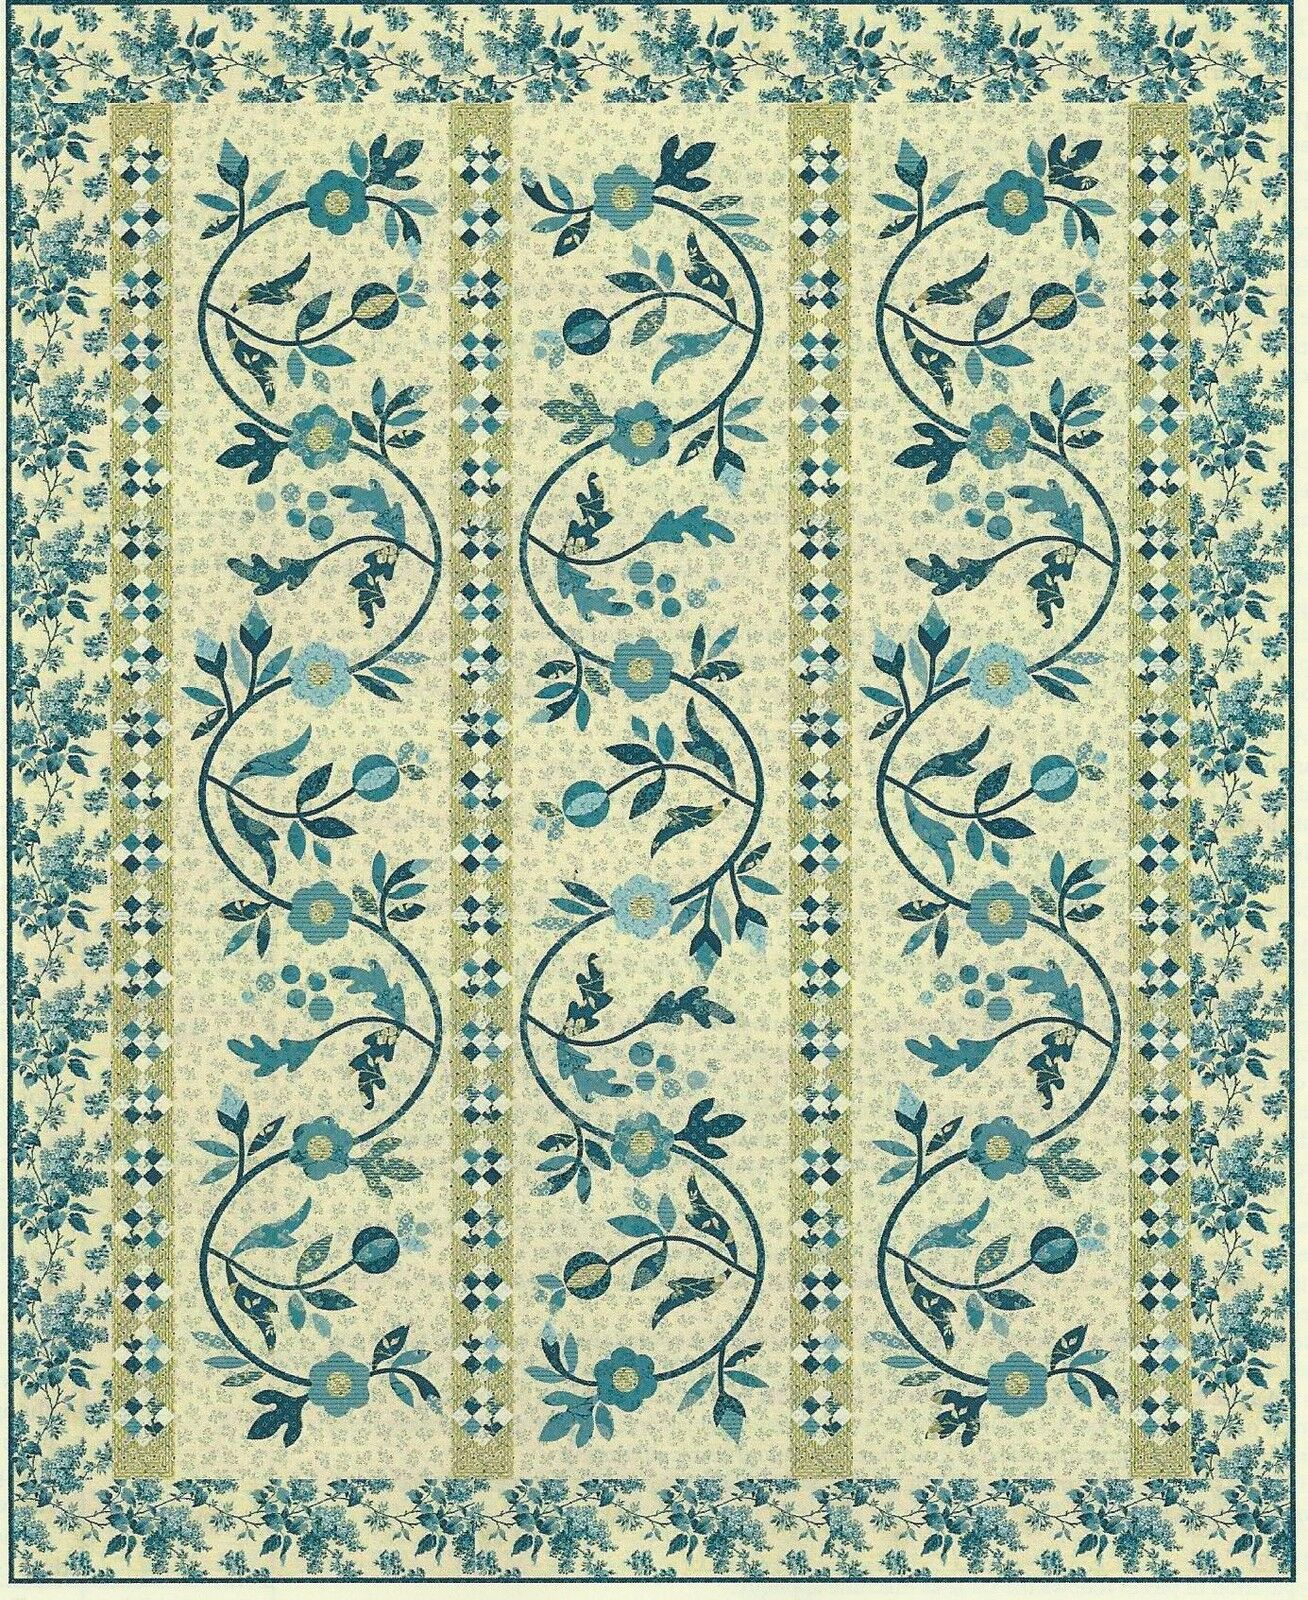 Reaching Blue Sky by Edyta Sitar of Laundry Basket Quilts | eBay : edyta sitar quilt patterns - Adamdwight.com